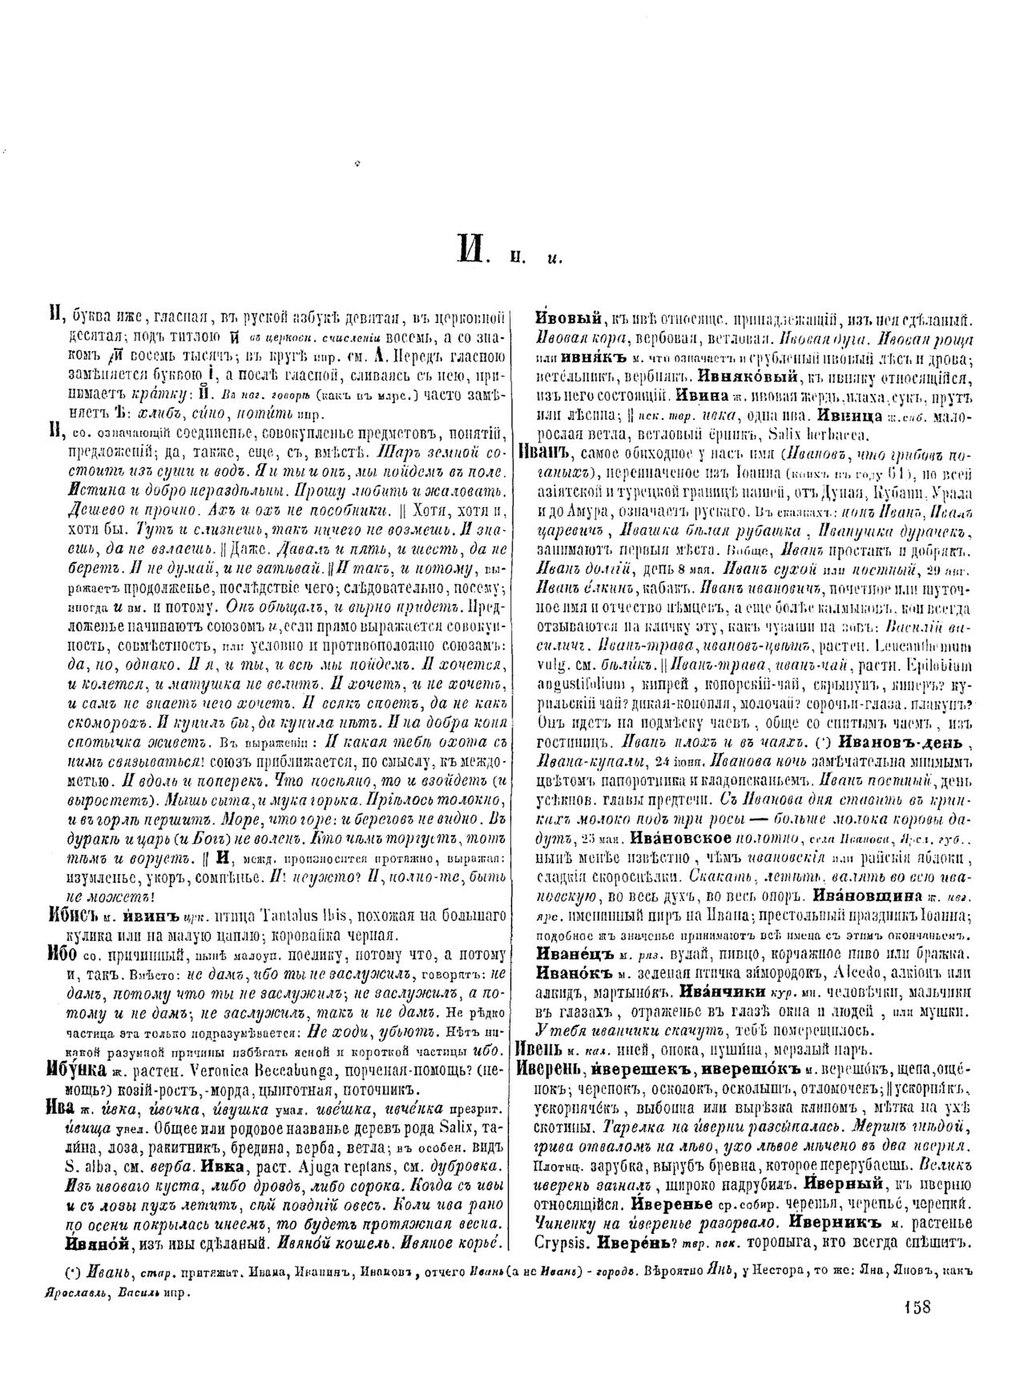 Словарь Даля скачать PDF